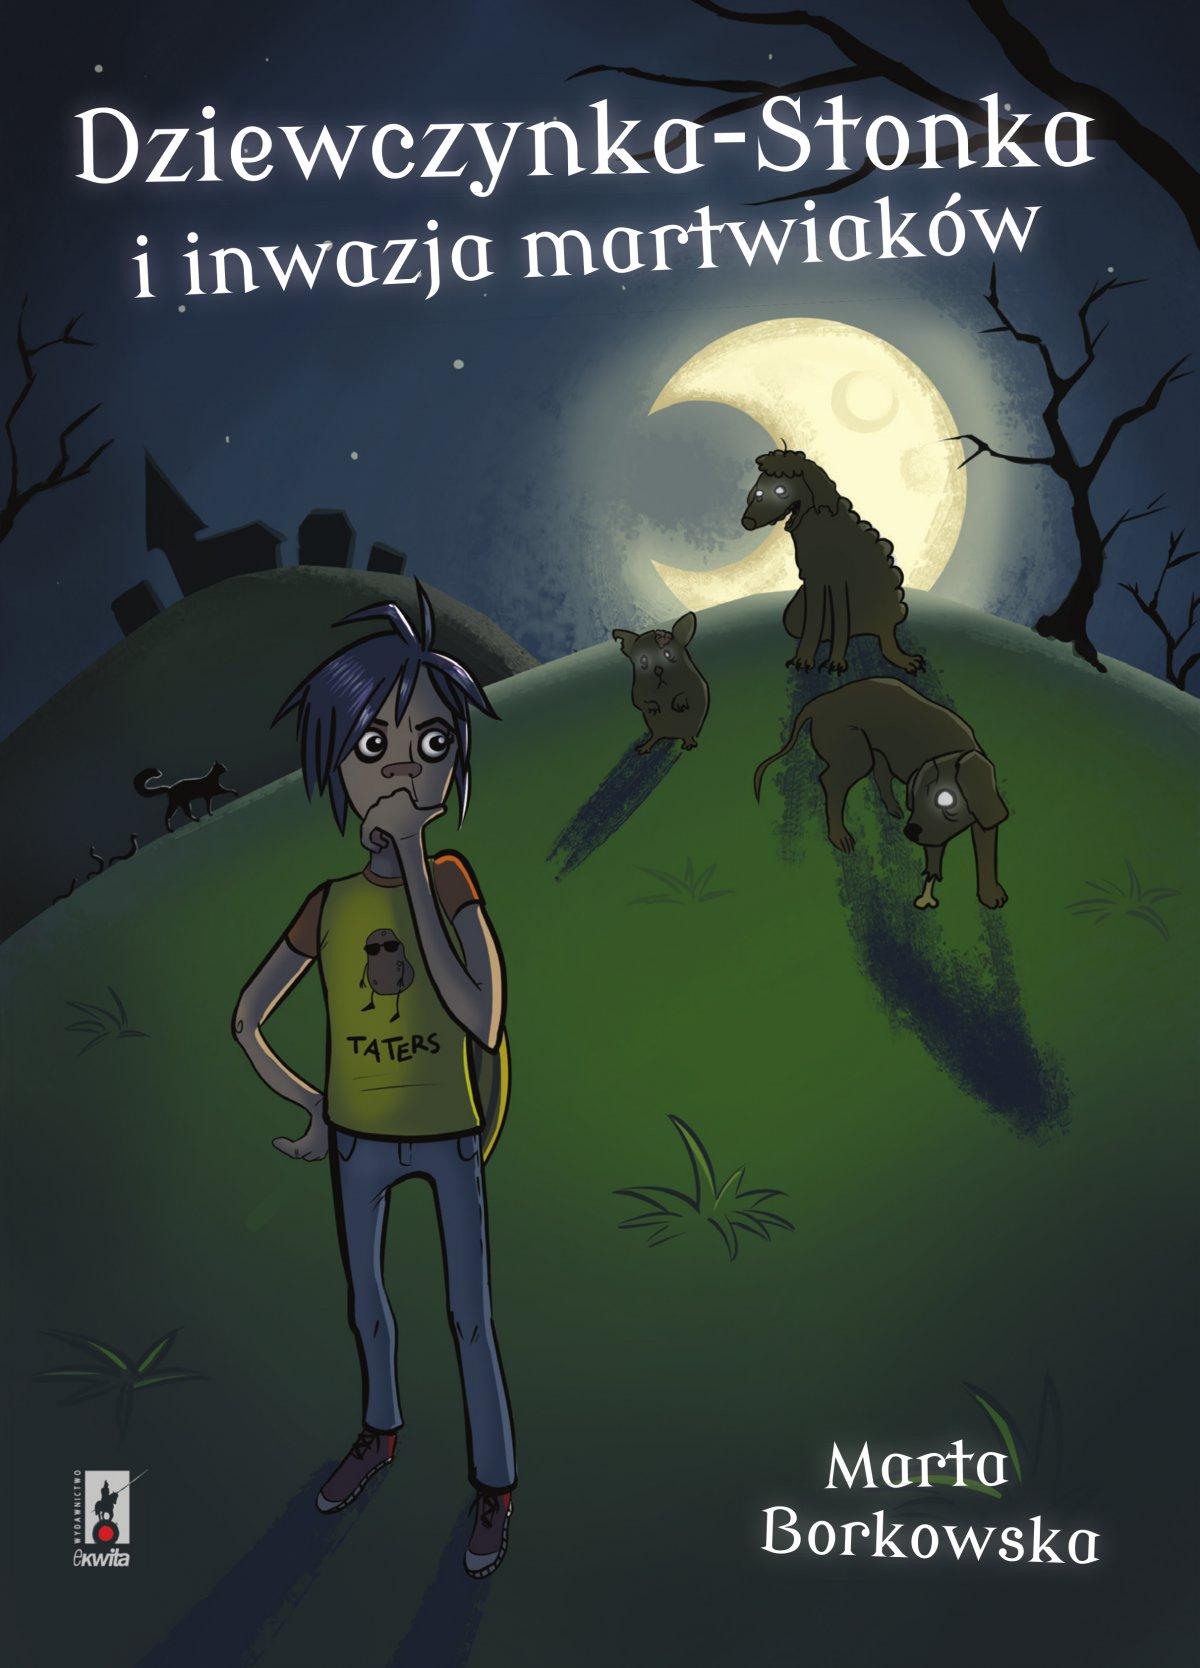 Dziewczynka-Stonka i inwazja martwiaków - Ebook (Książka na Kindle) do pobrania w formacie MOBI